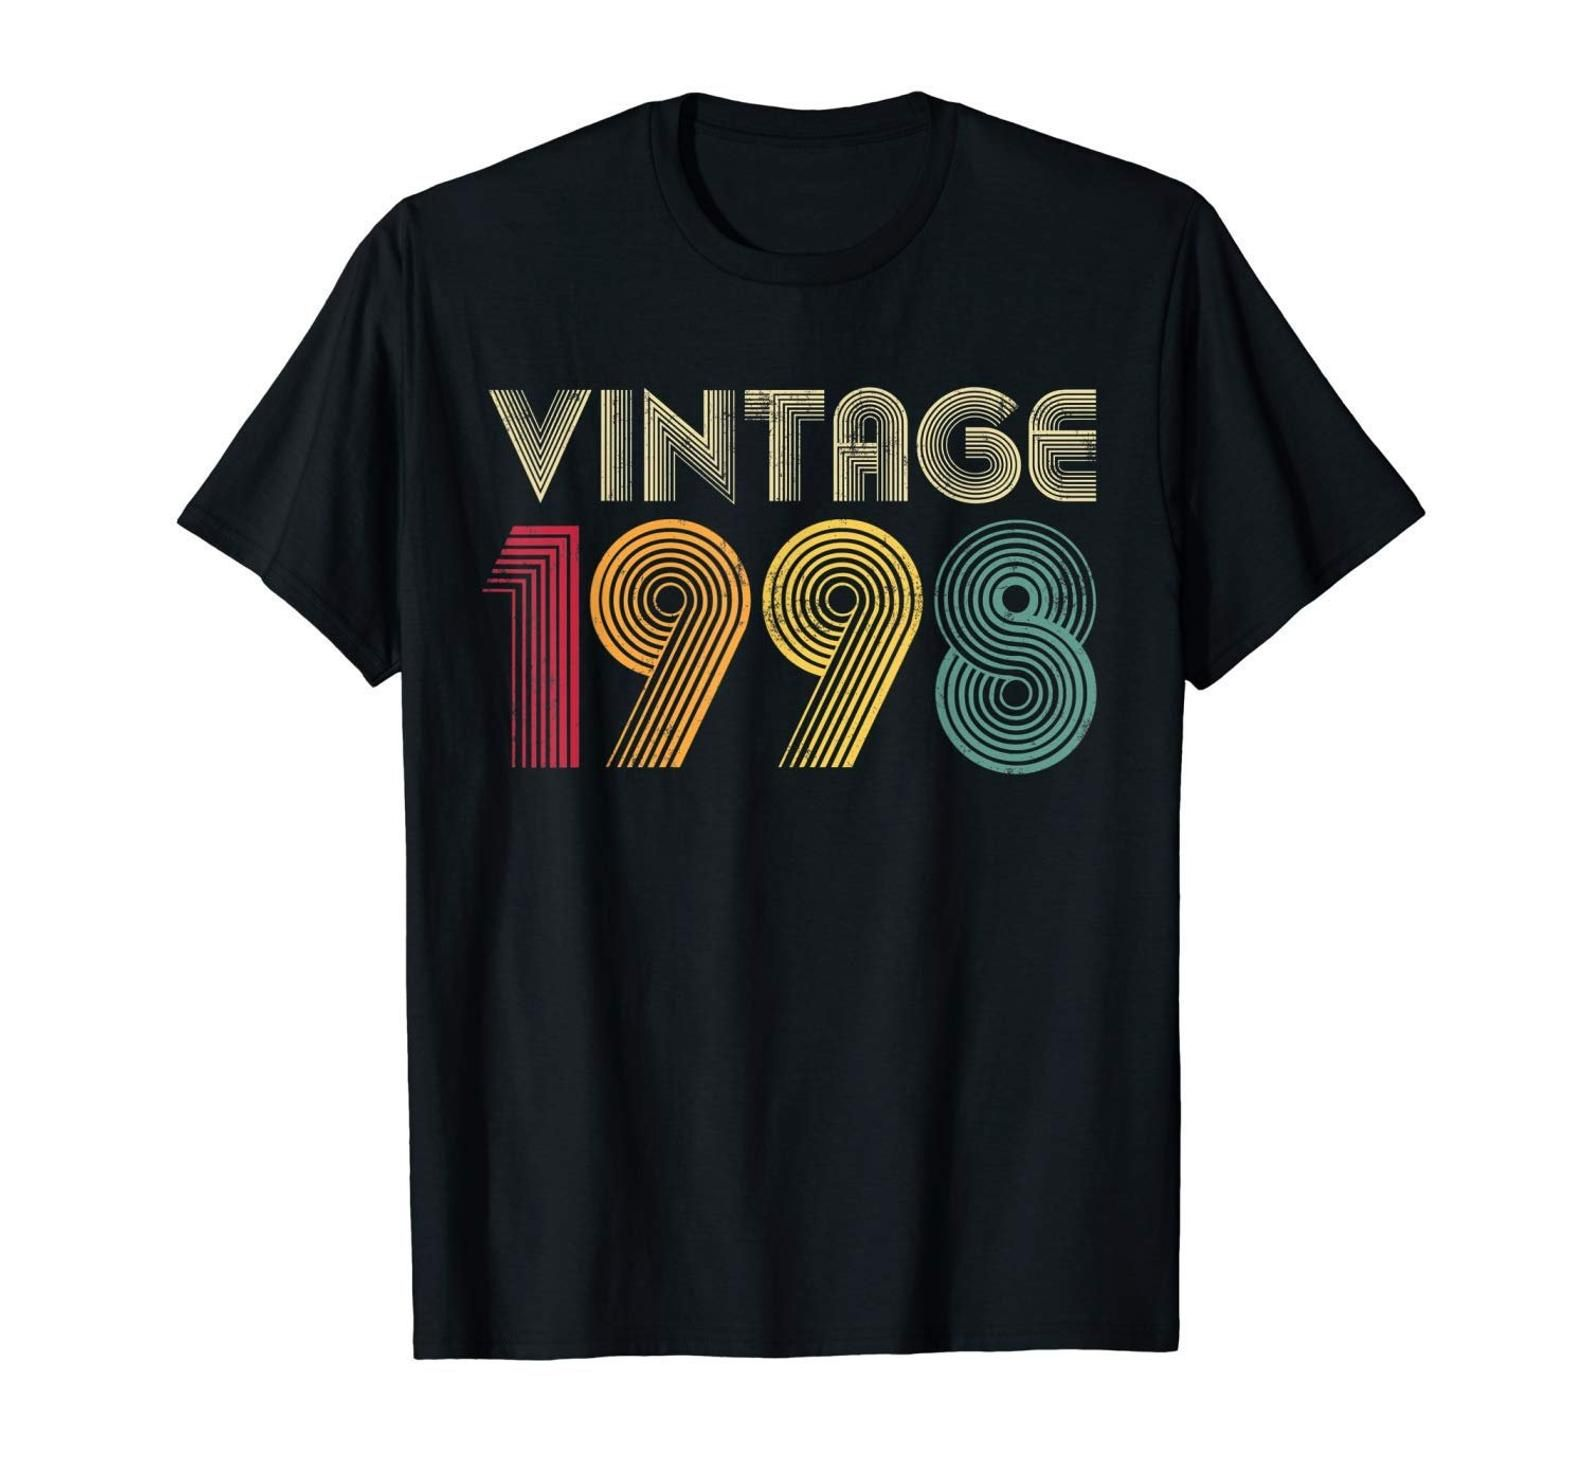 21st birthday gift vintage 1998 shirt for women men